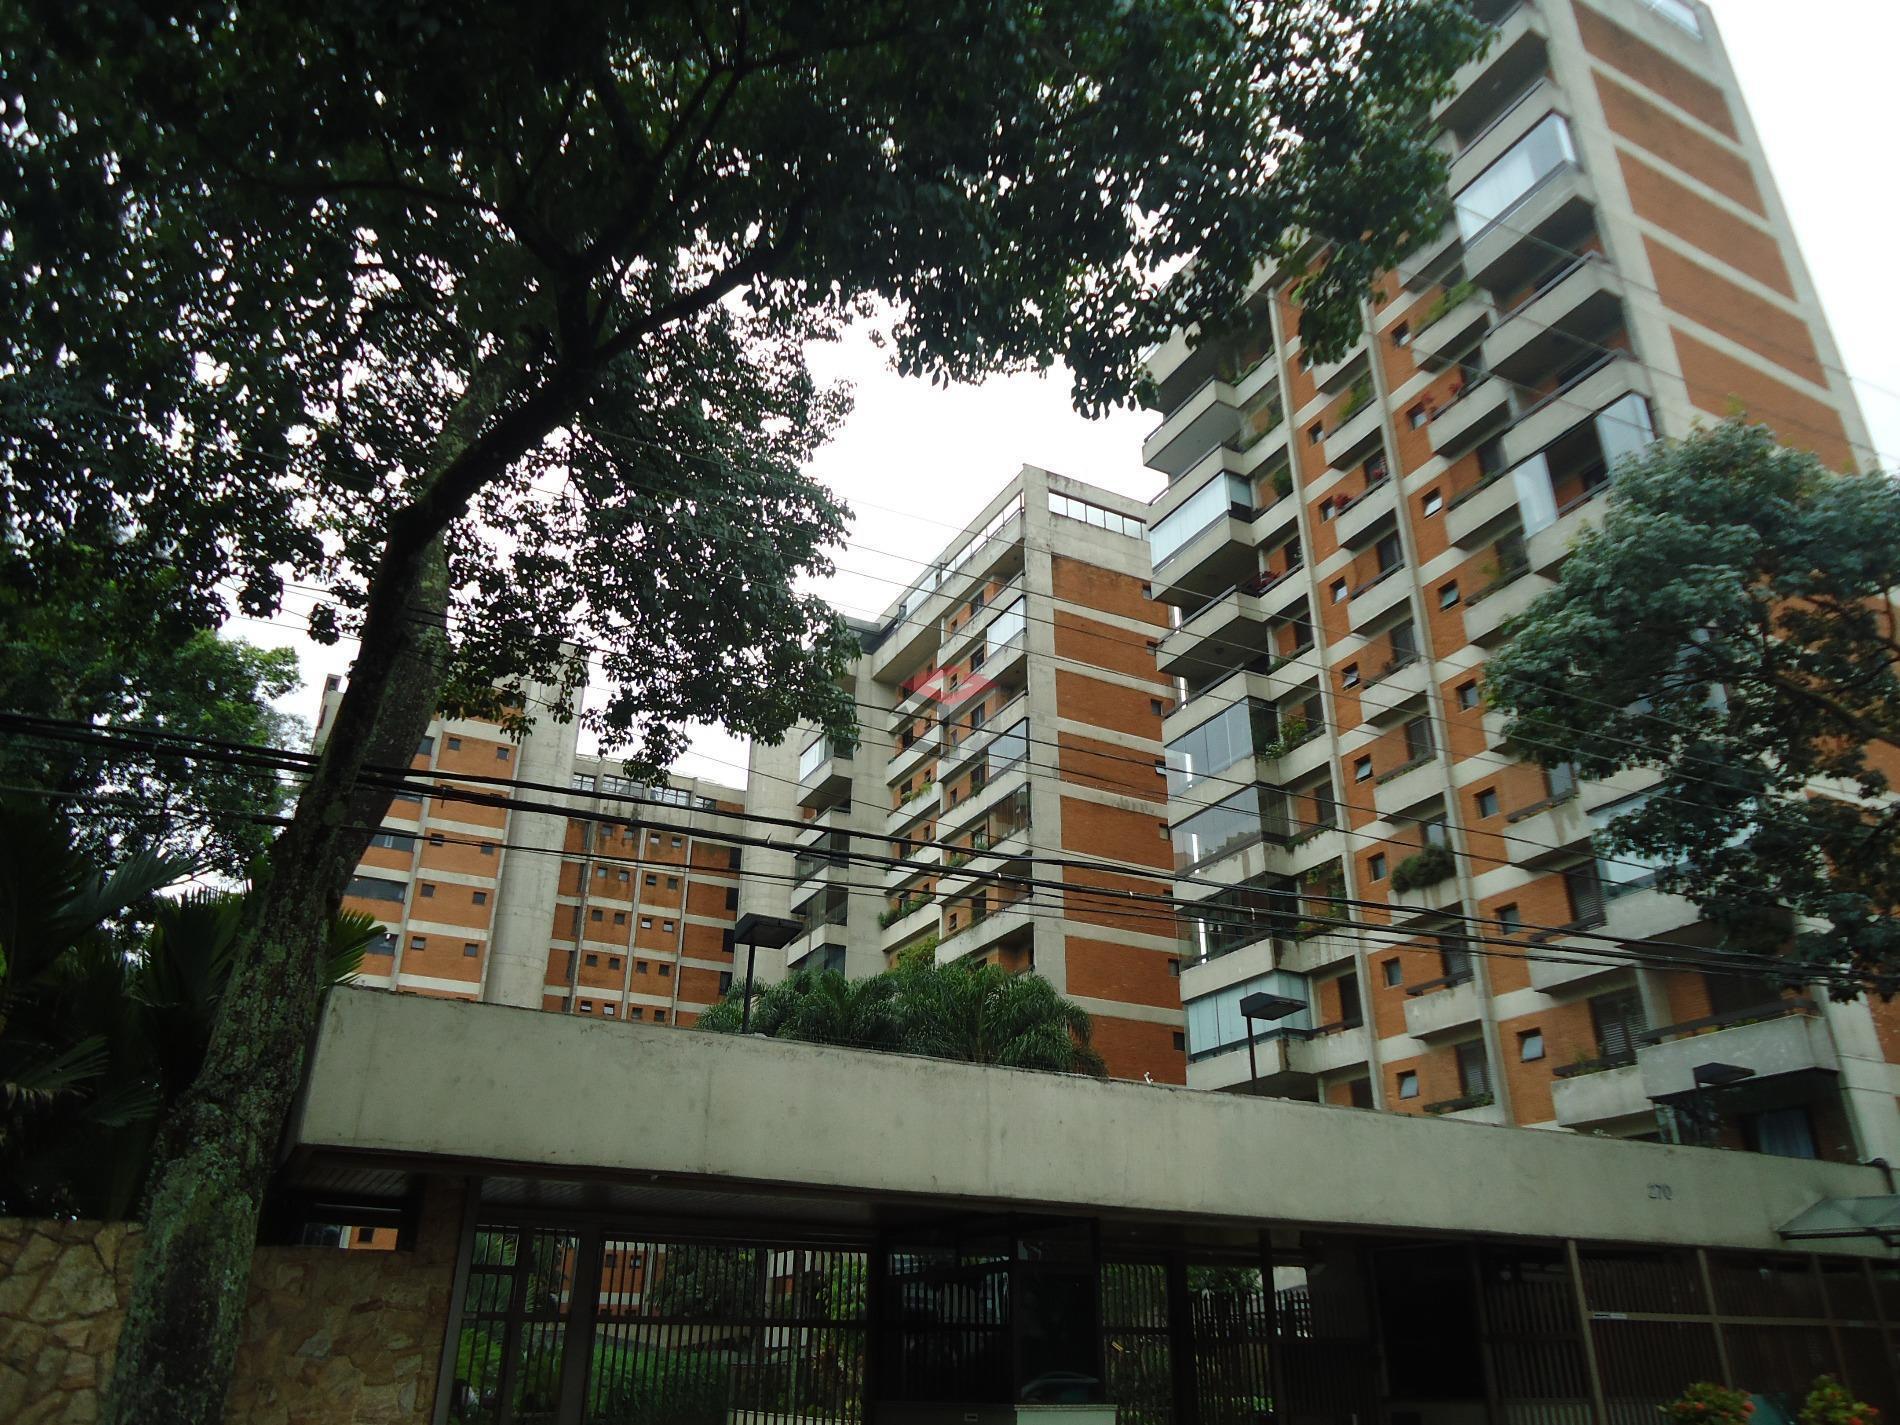 Cobertura residencial para venda e locação, Centro, São Bernardo do Campo - CO45273.